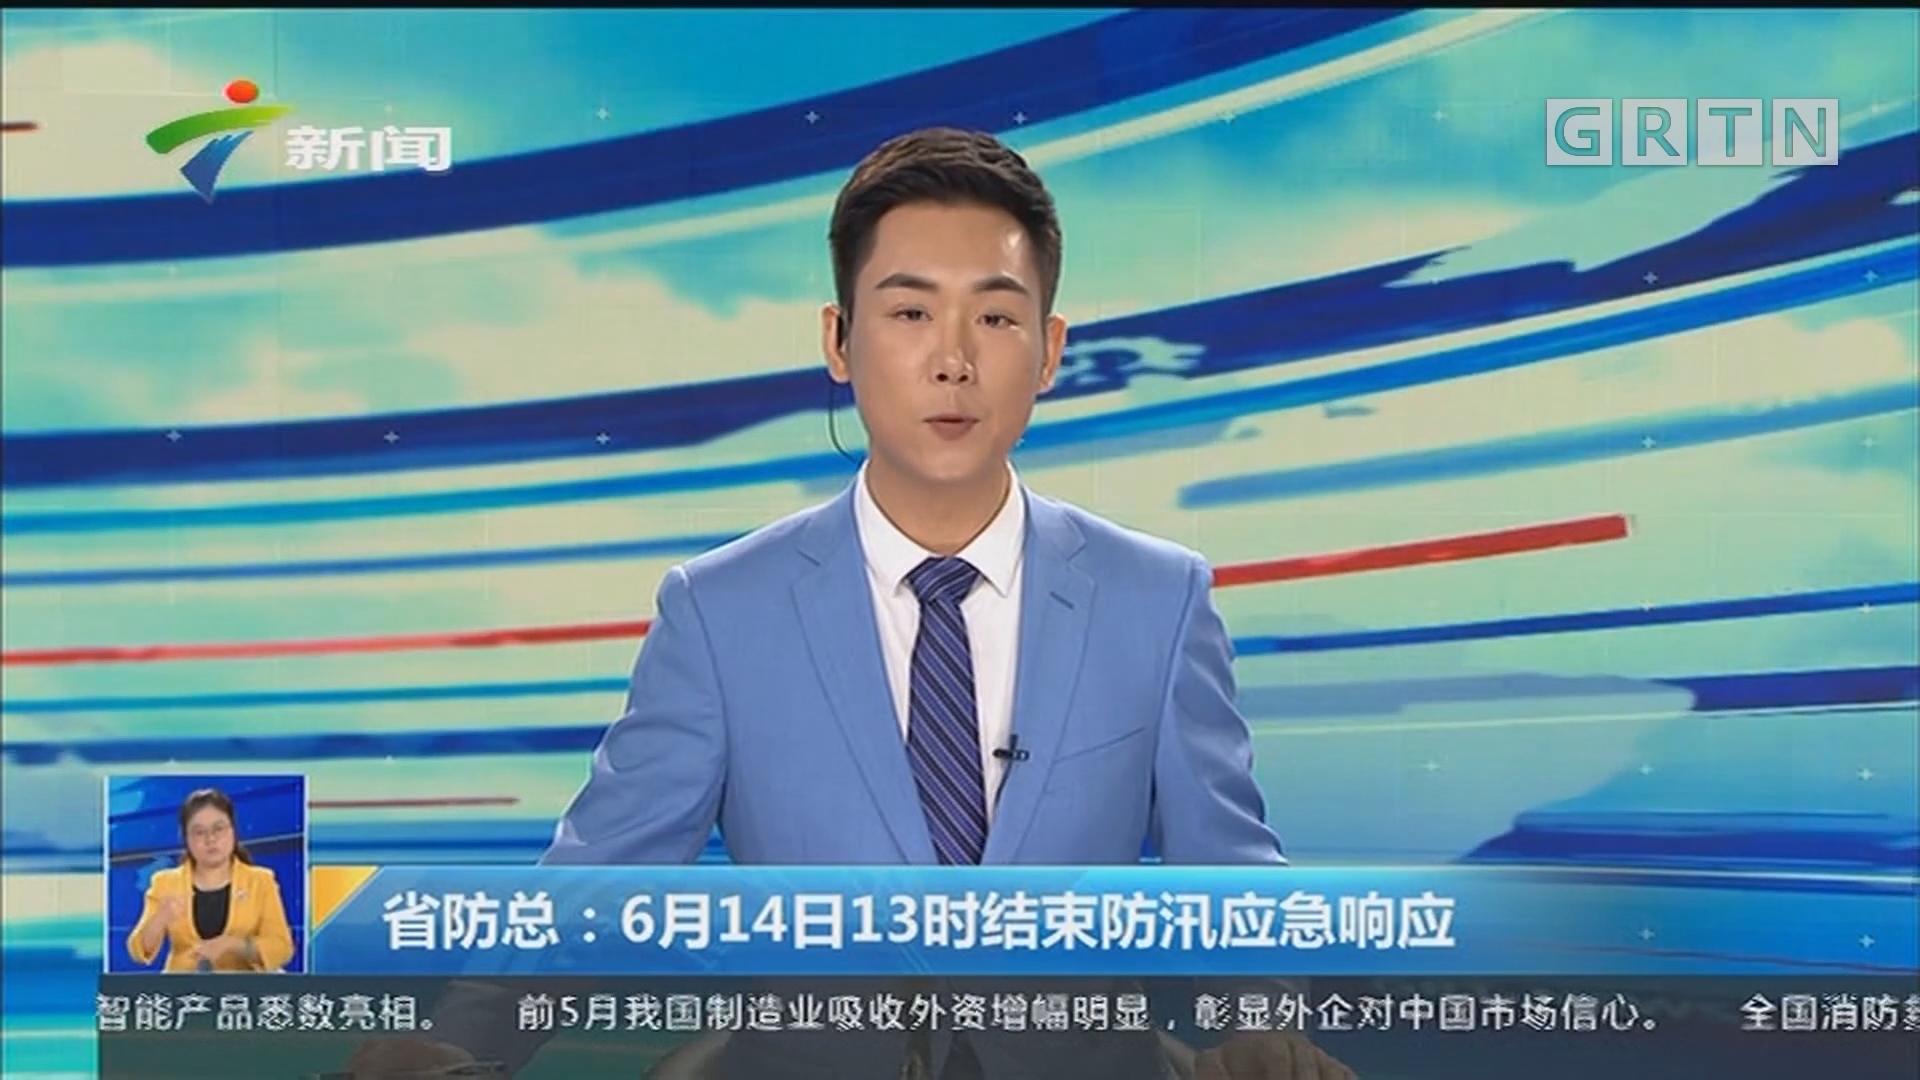 省防总:6月14日13时结束防汛应急响应